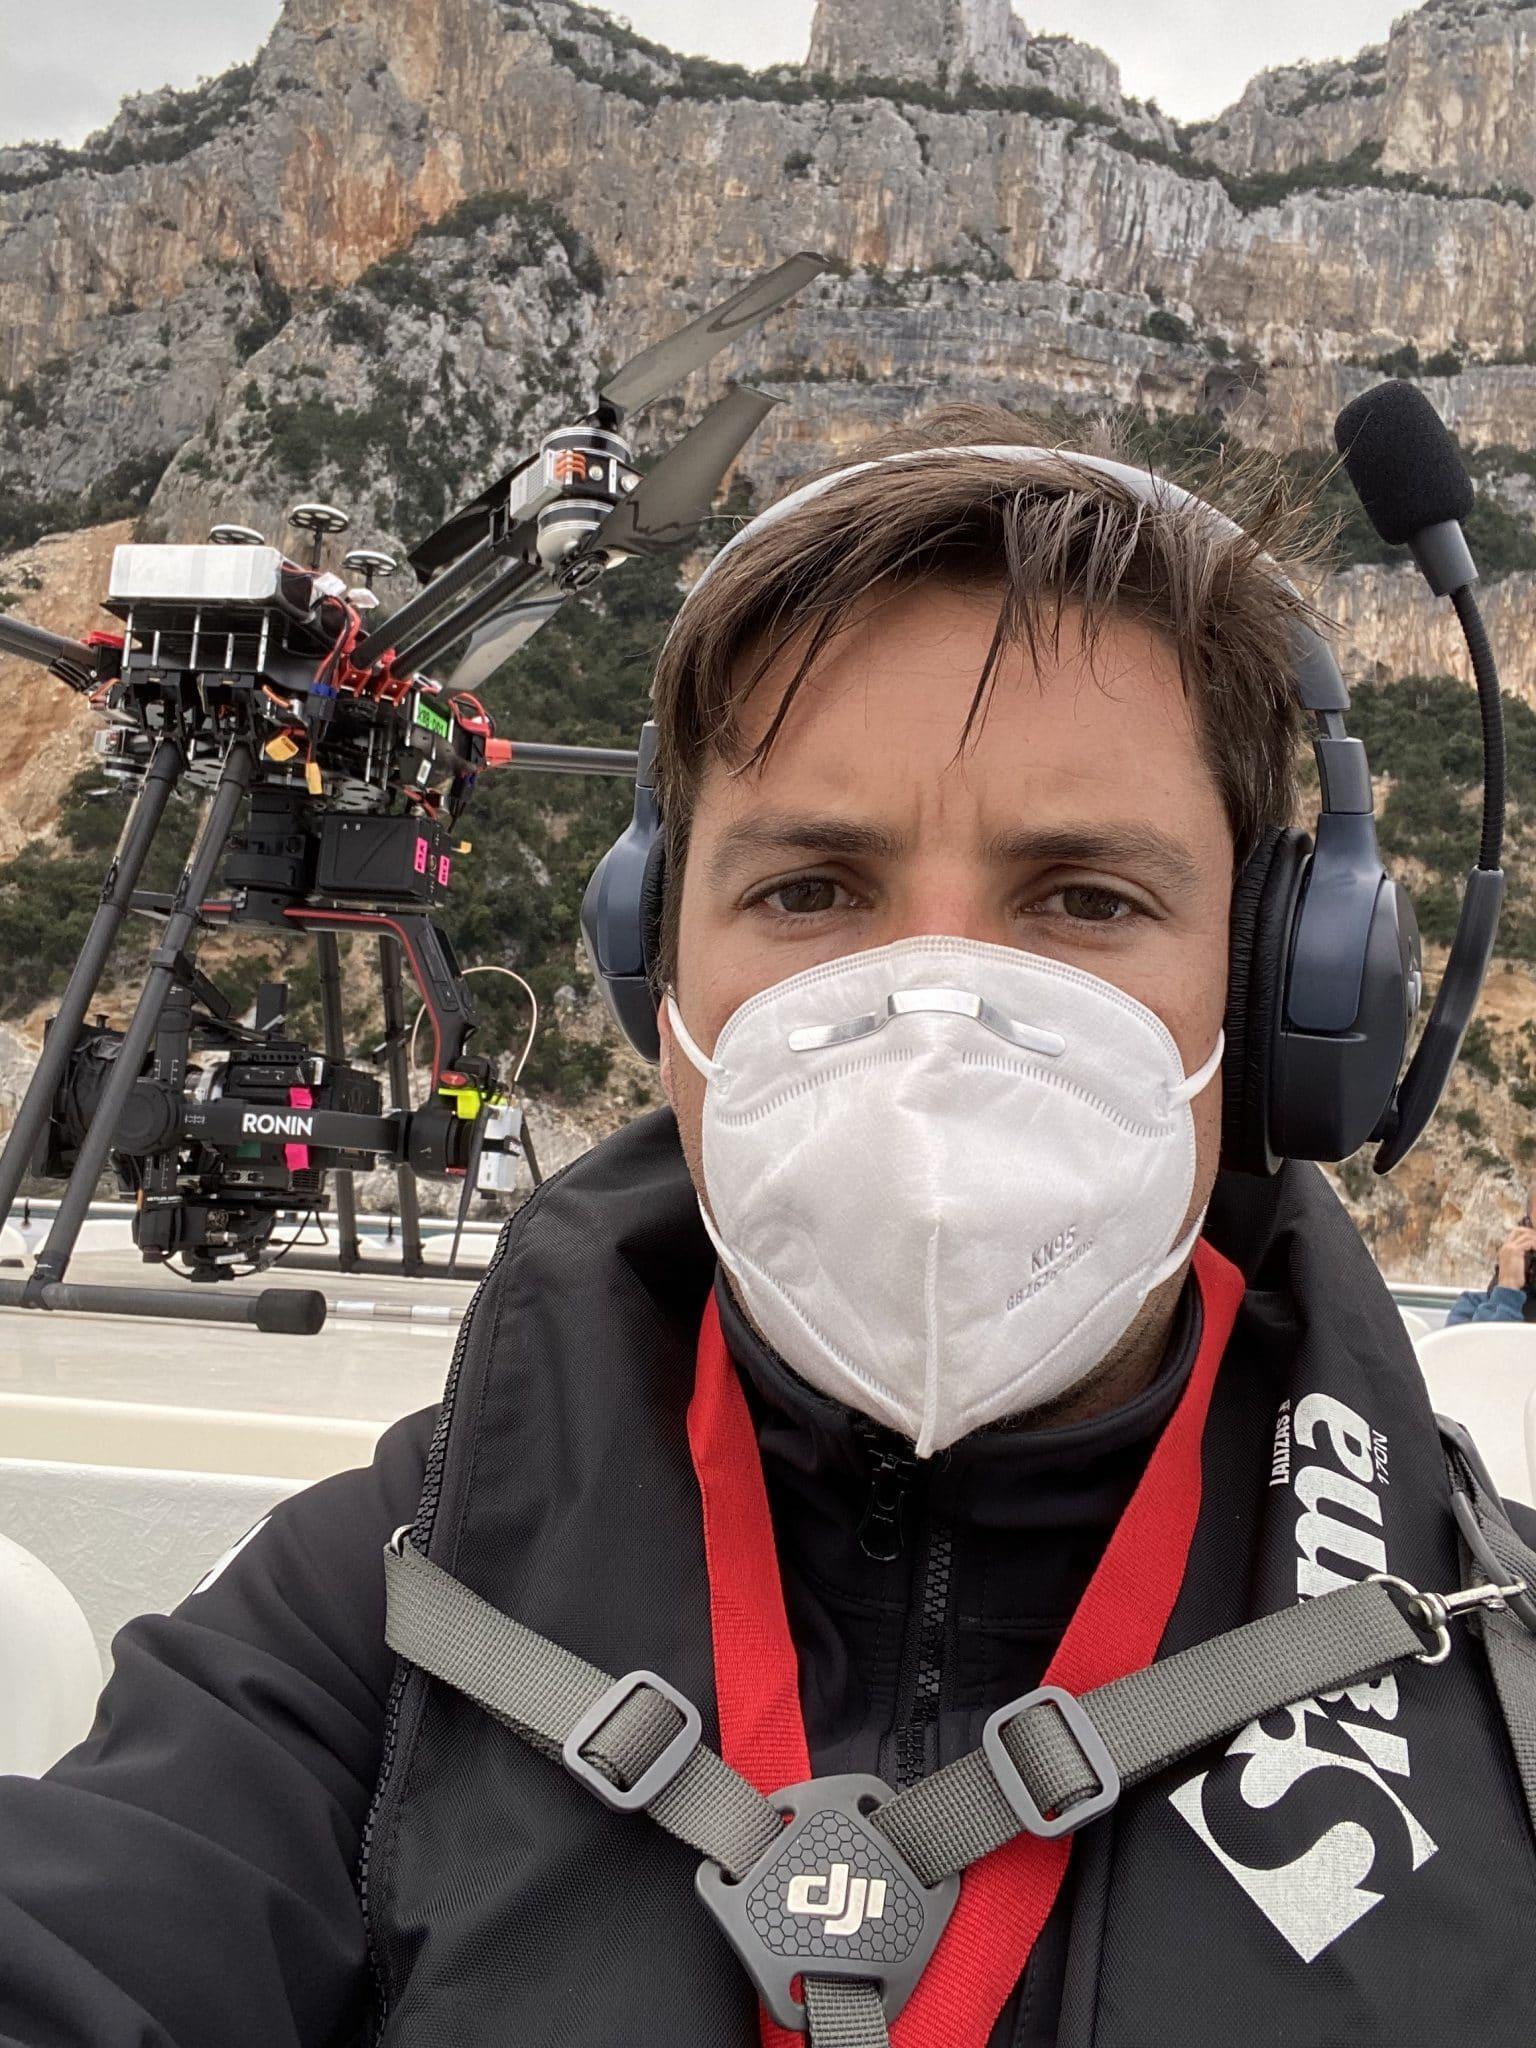 David-Mariottini-Drone-Arezzo